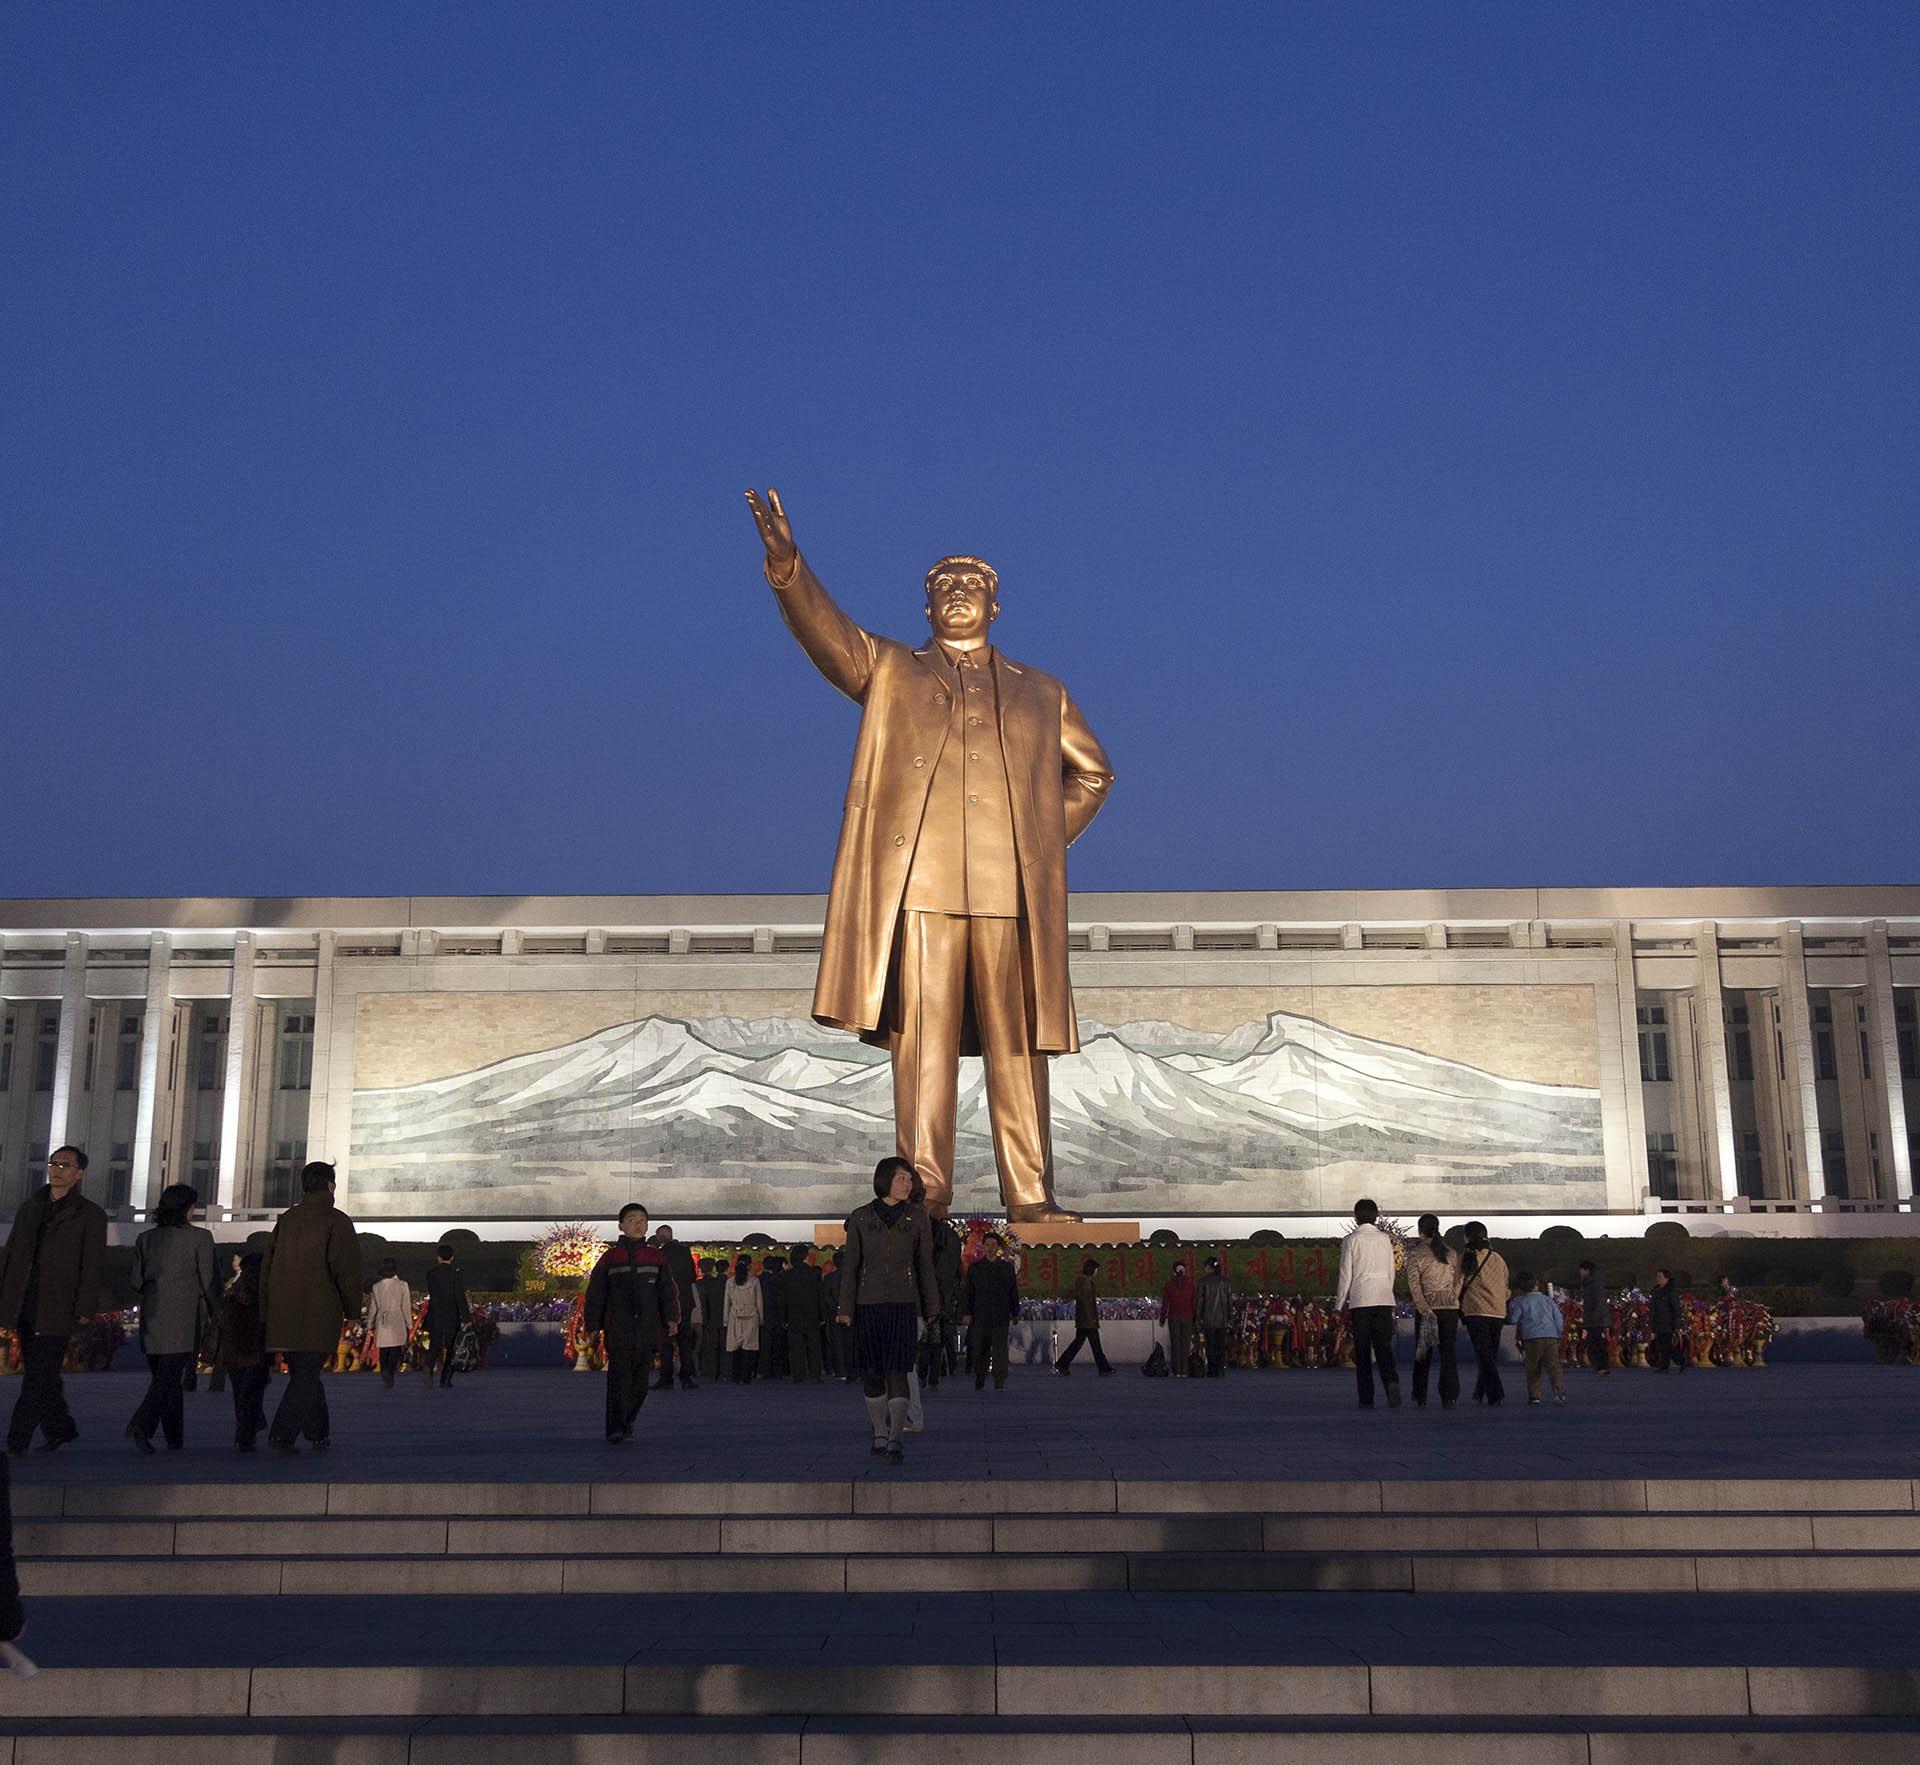 Assim como em Pyongyang, capital da Coreia do Norte, as reverências no Facebook são a escolha mais prudente. Foto Leo Aversa